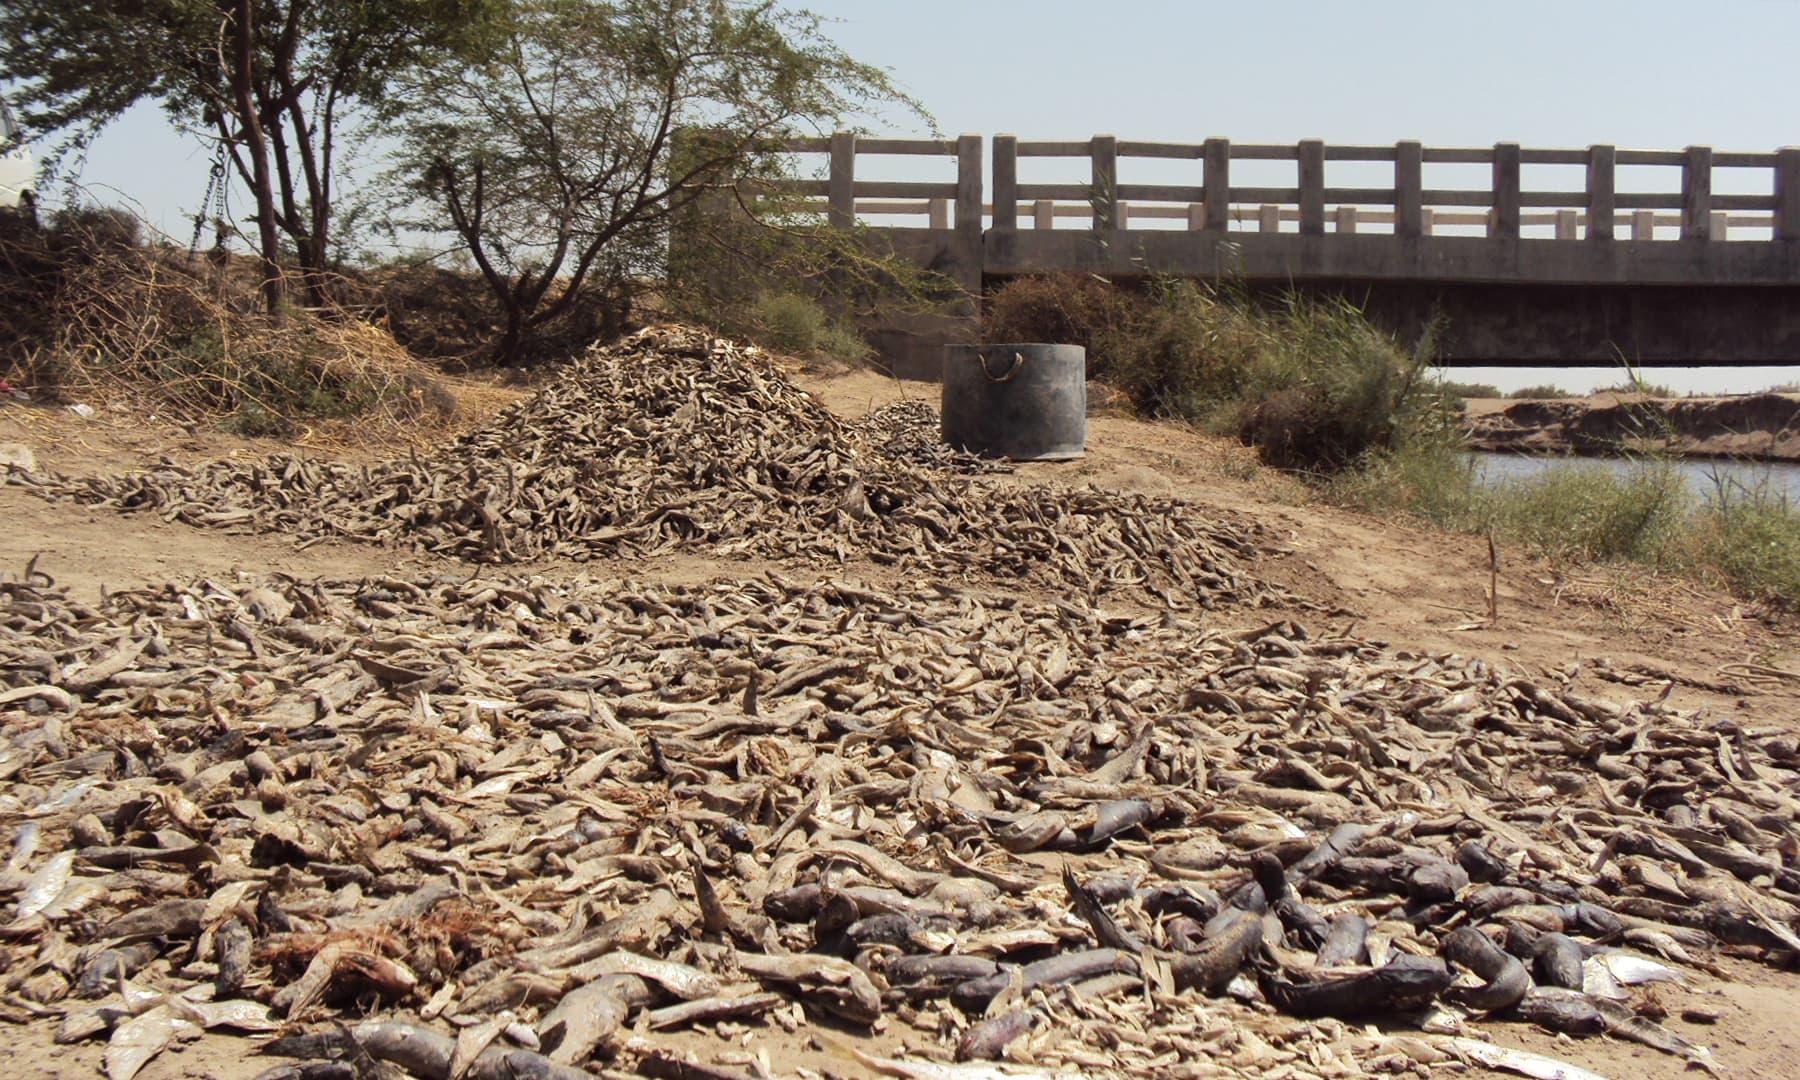 خشک کی گئی چھوٹی مچھلیاں جن سے مرغیوں کی فیڈ تیار کی جاتی ہے — تصویر ابوبکر شیخ